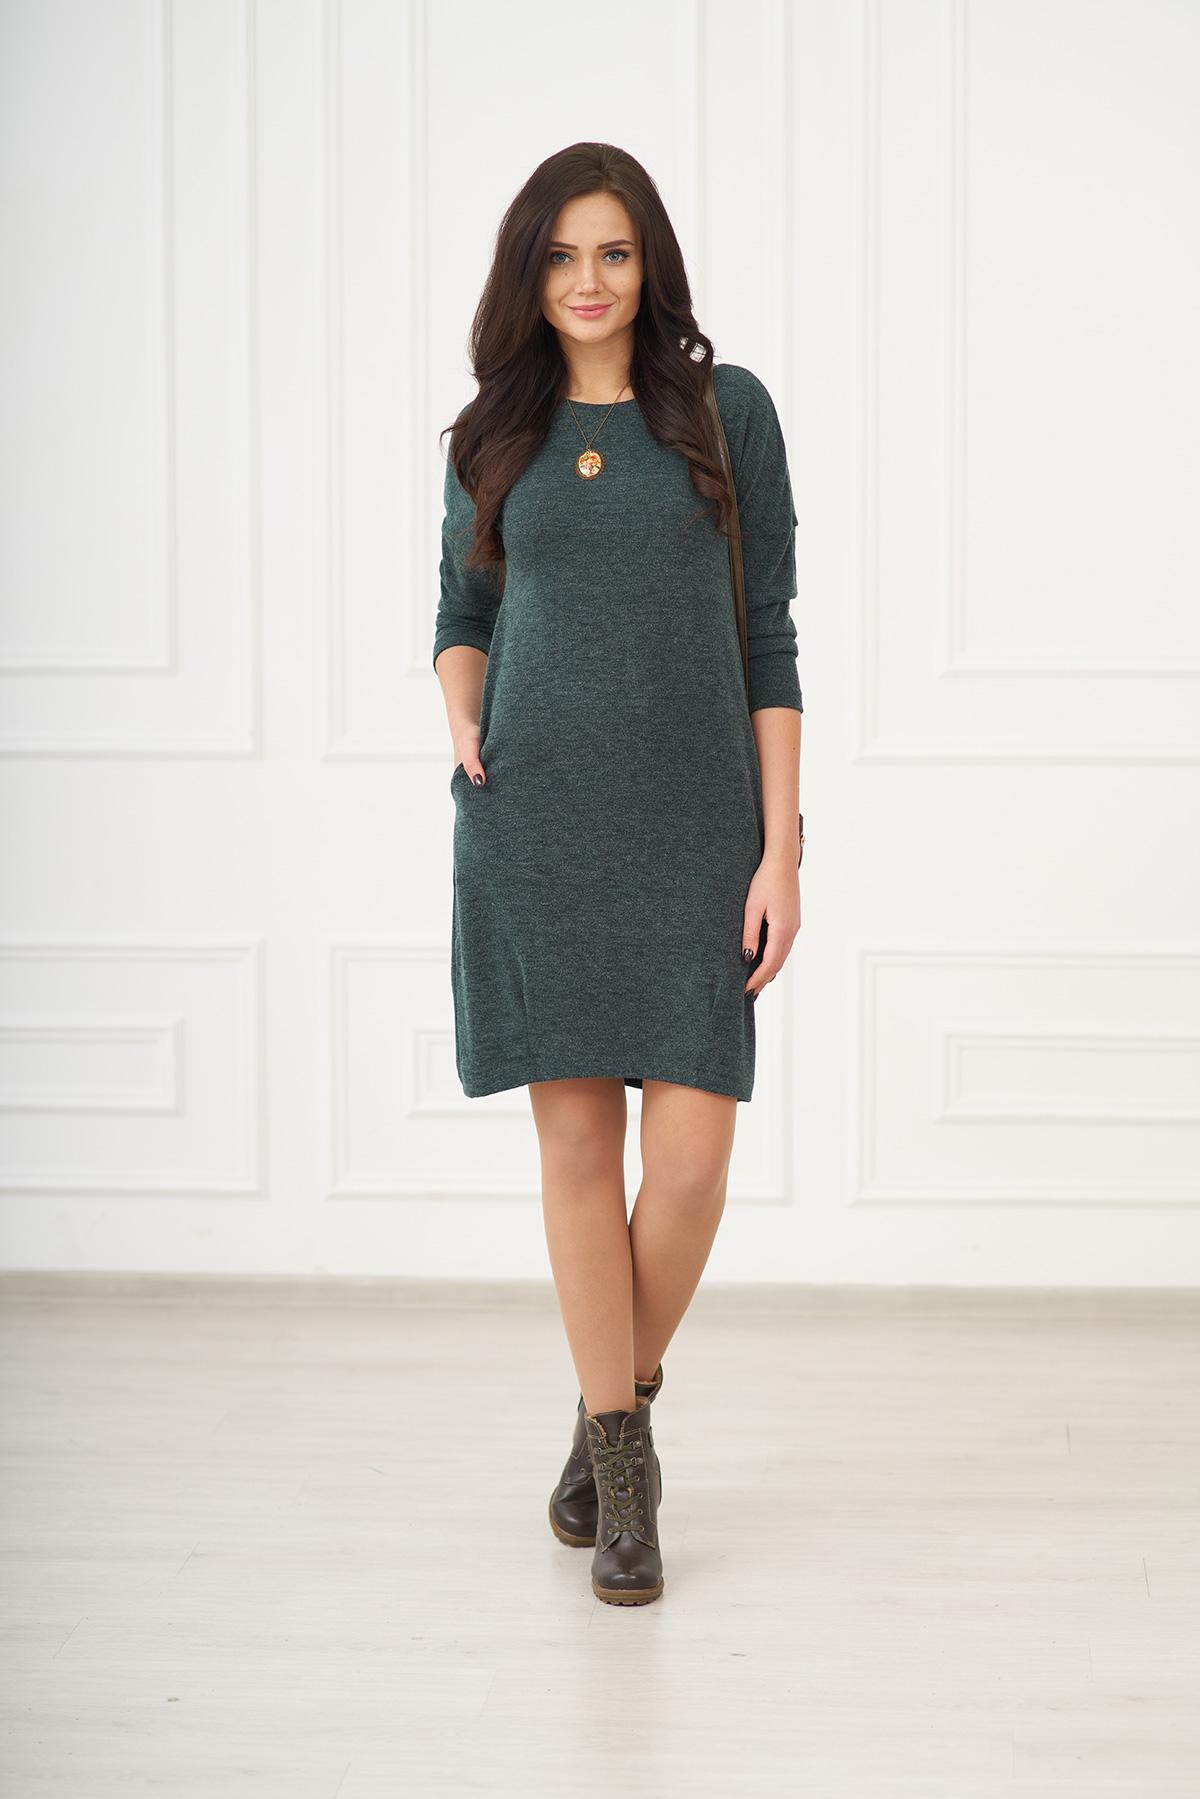 Жен. платье арт. 19-0075 Изумрудный р. 50Платья<br>Факт. ОГ: 102 см <br>Факт. ОТ: 102 см <br>Факт. ОБ: 106 см <br>Длина по спинке: 98 см<br><br>Тип: Жен. платье<br>Размер: 50<br>Материал: Ангора